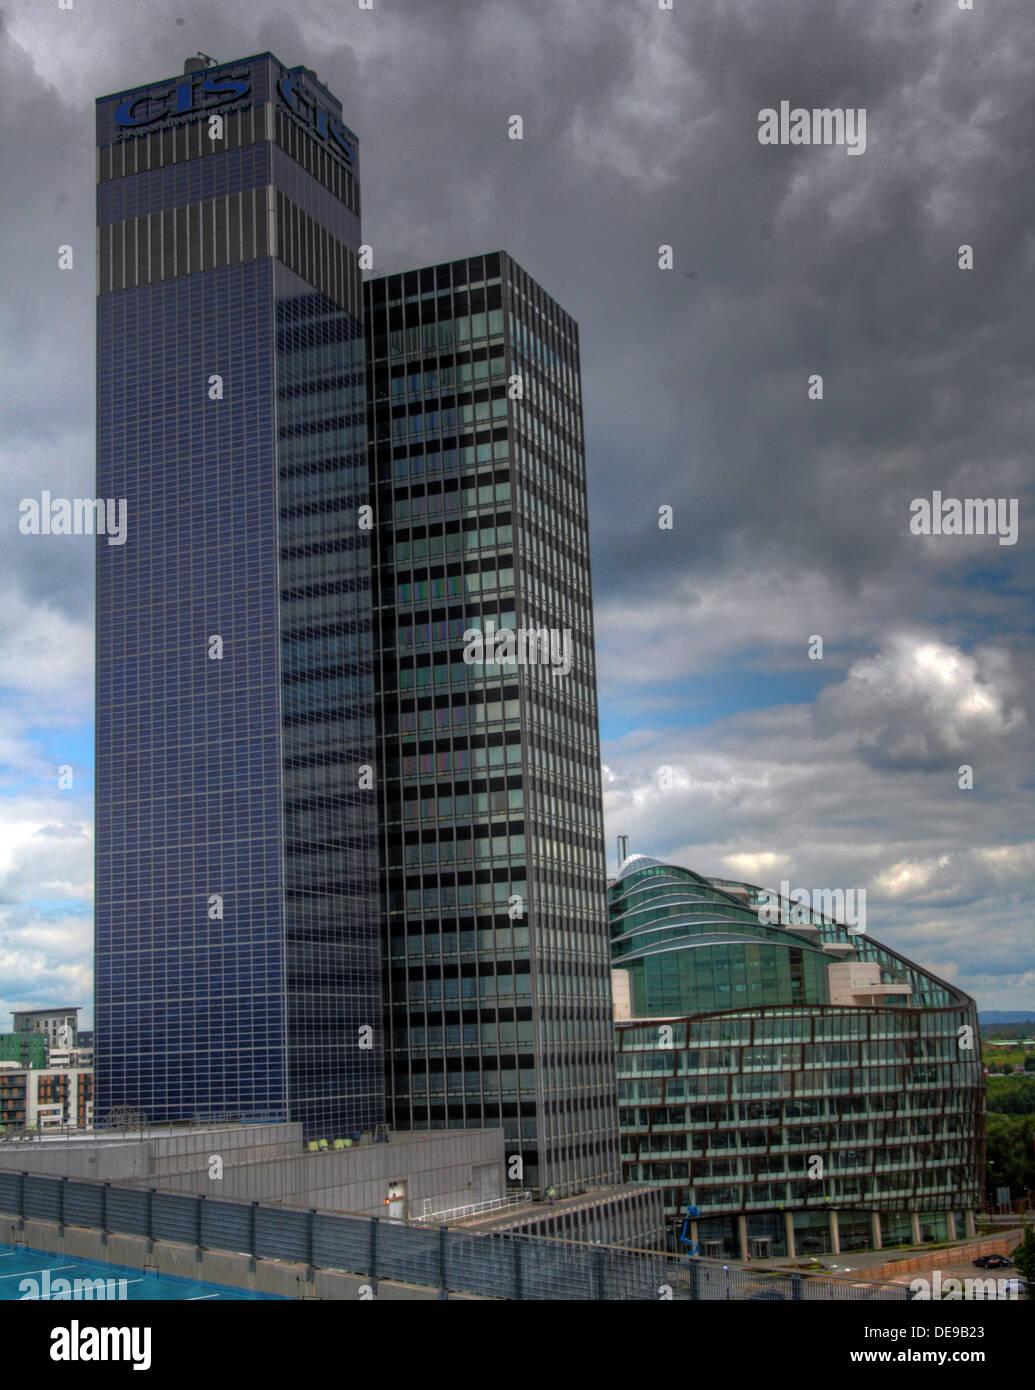 Laden Sie dieses Alamy Stockfoto BIPV Sonnenkollektoren auf neue Century House, COOP, Manchester, England, UK - DE9B23